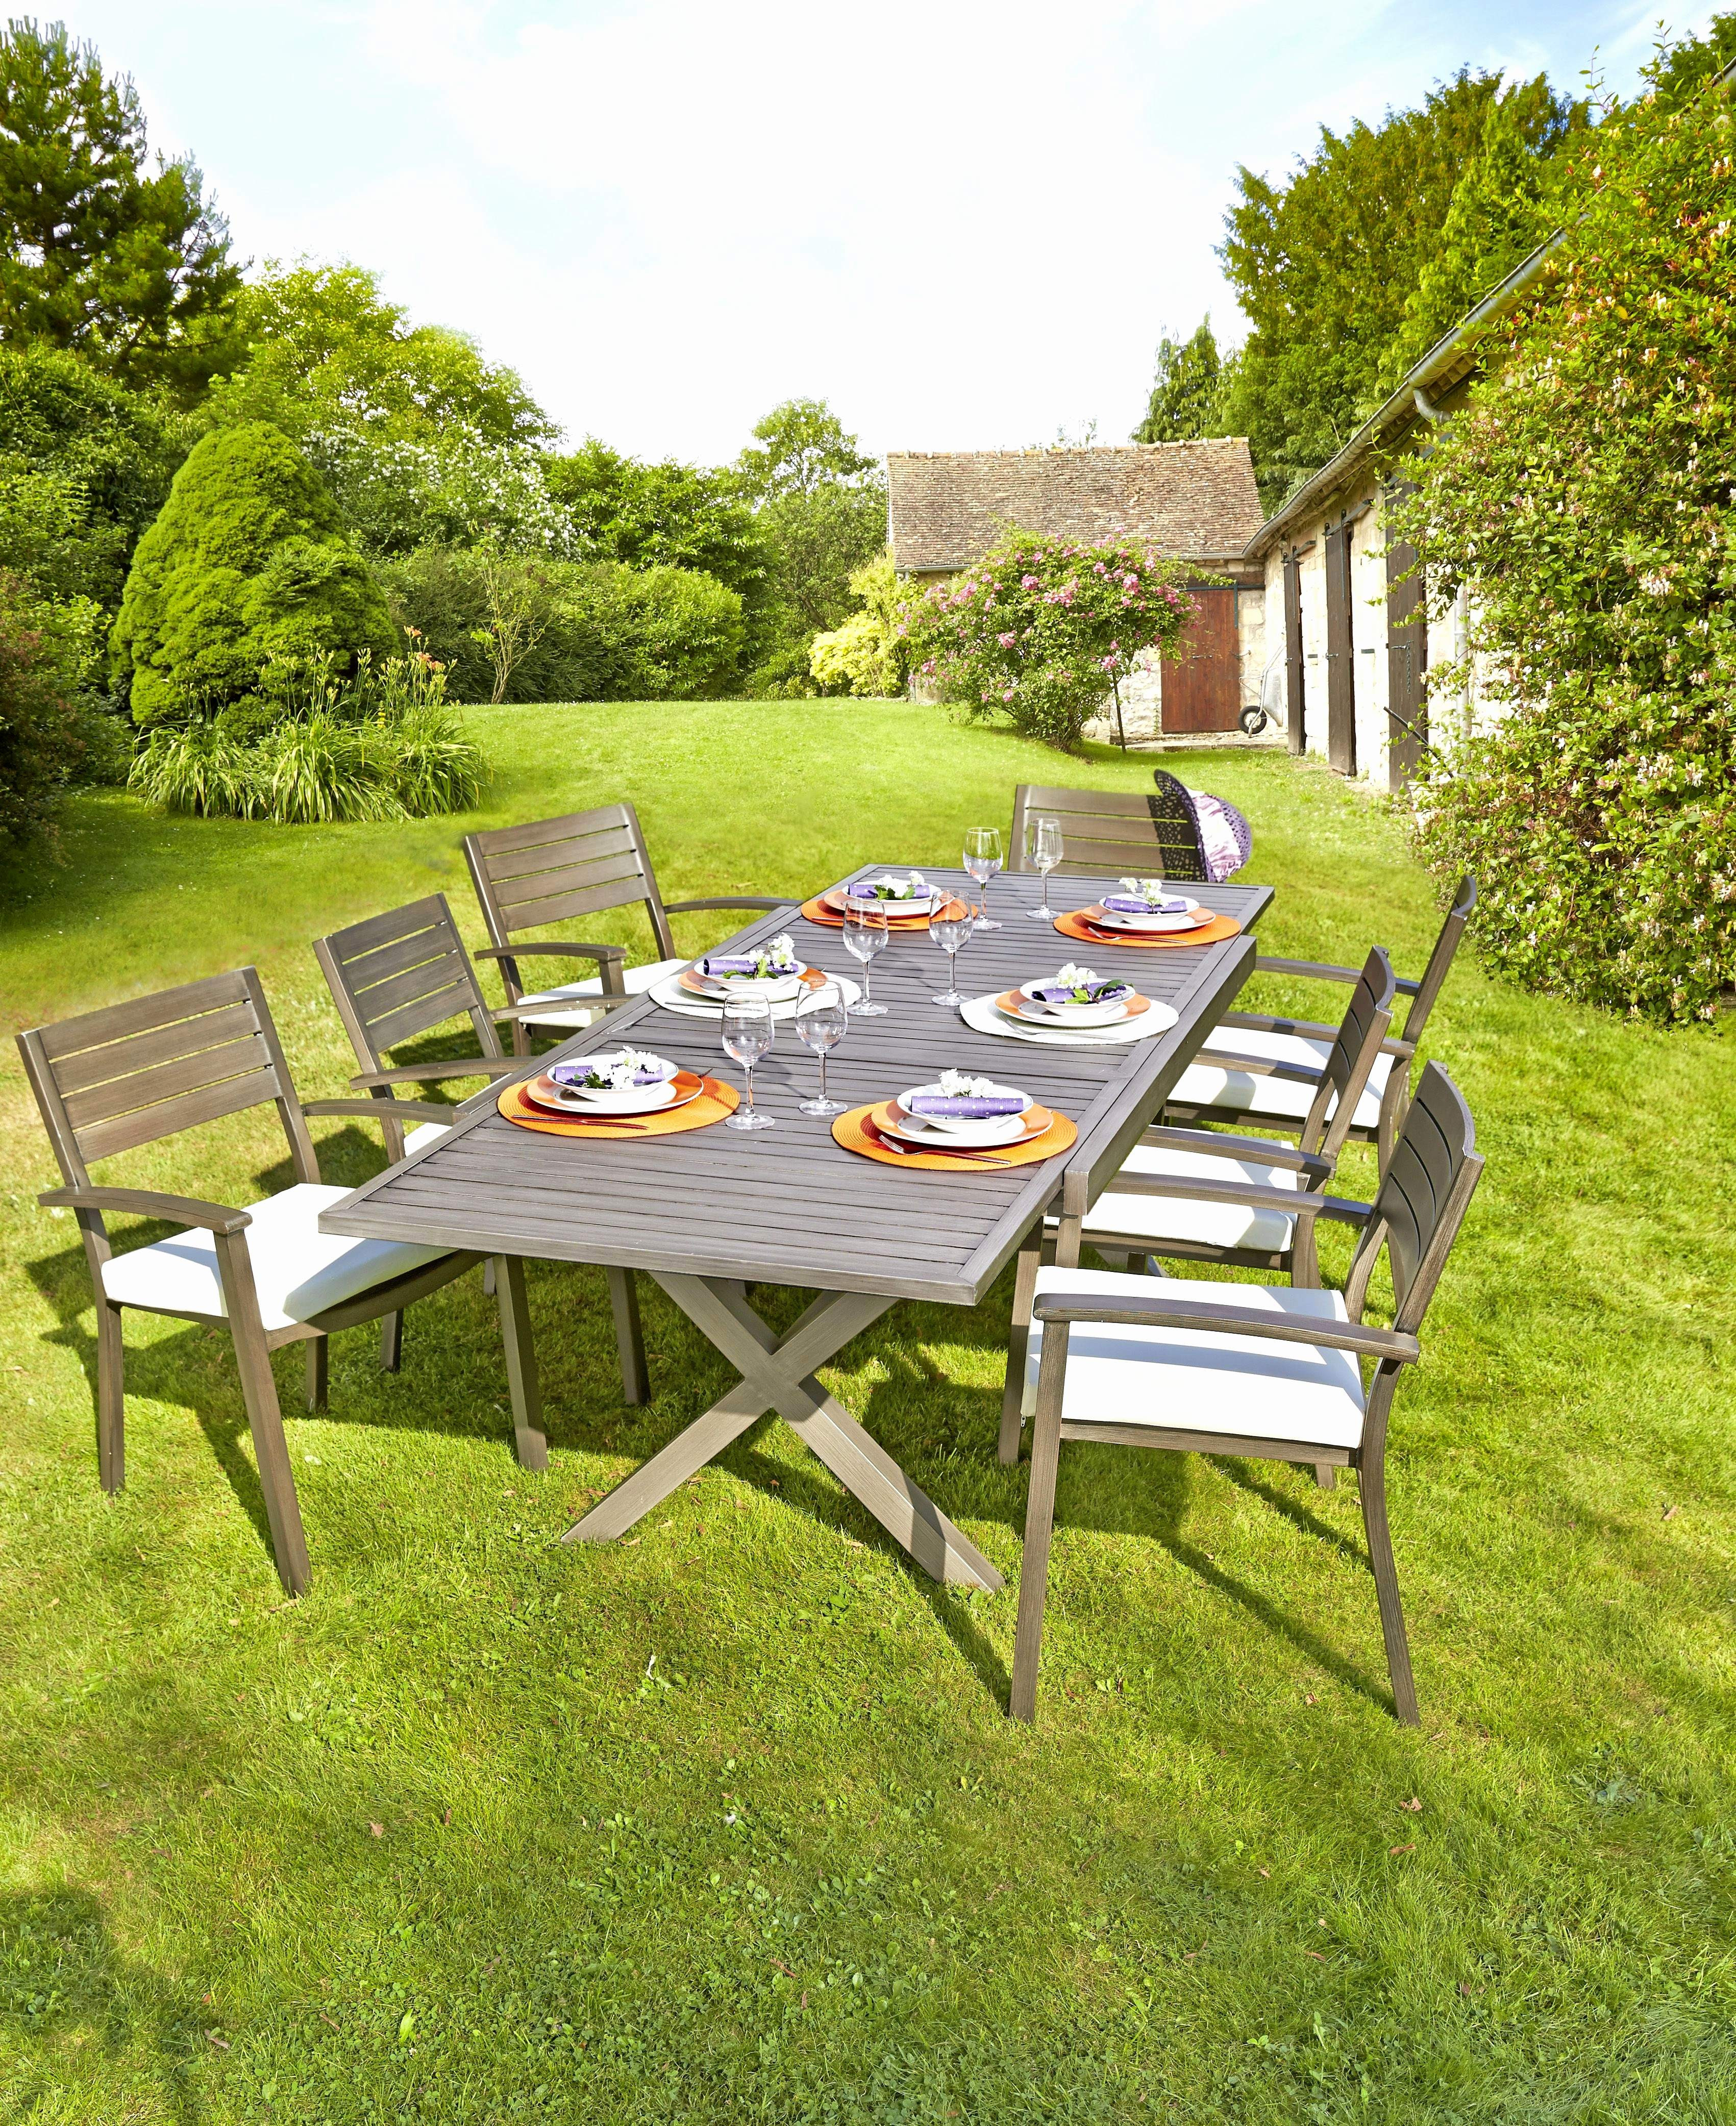 Table De Jardin Alinea Luxe Image La Presque Favorable Mobilier Jardin Teck Mod¨le Du C´té De Le